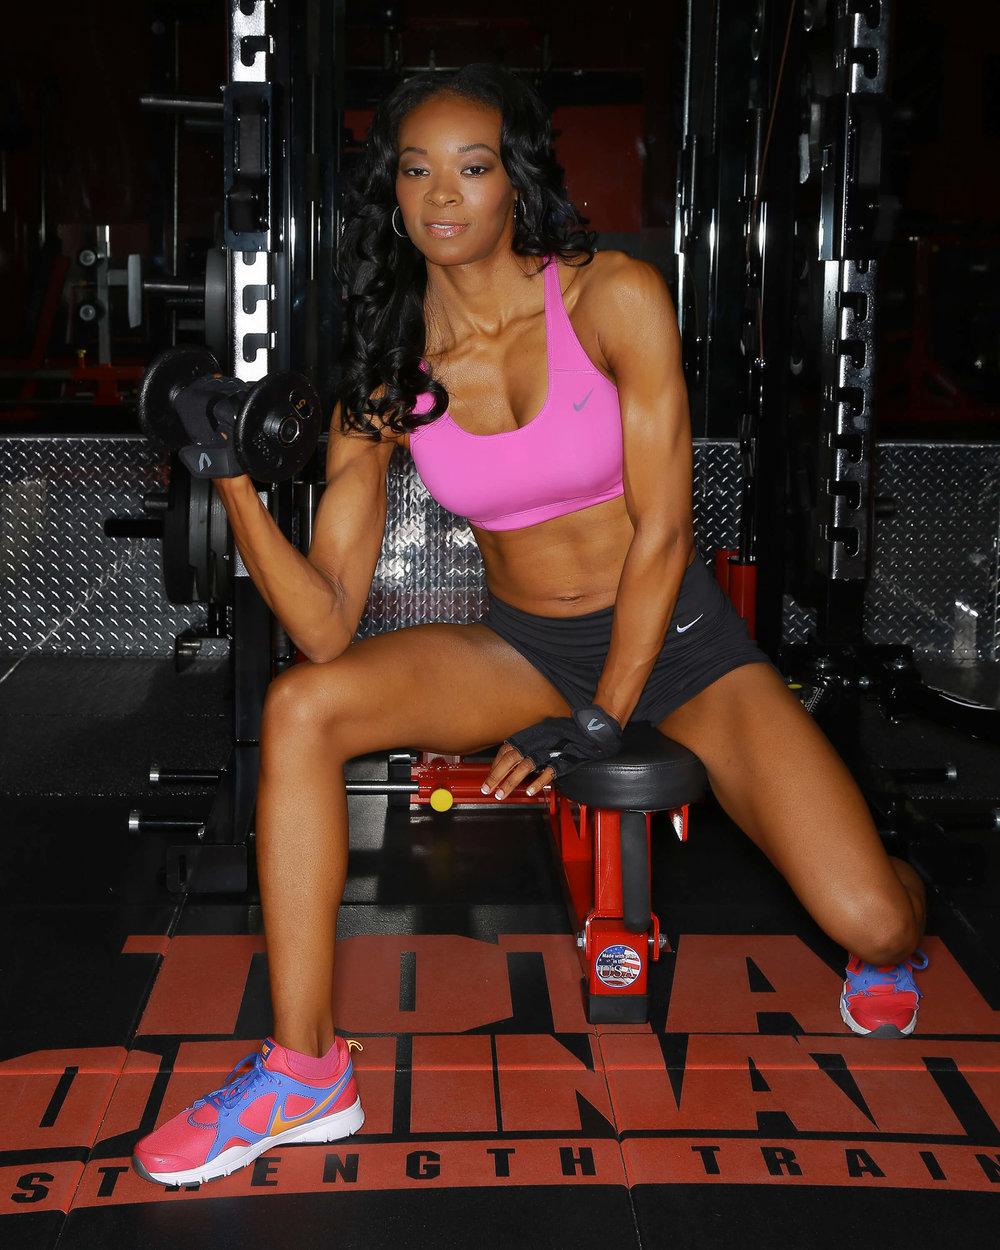 fitness_lift.jpg